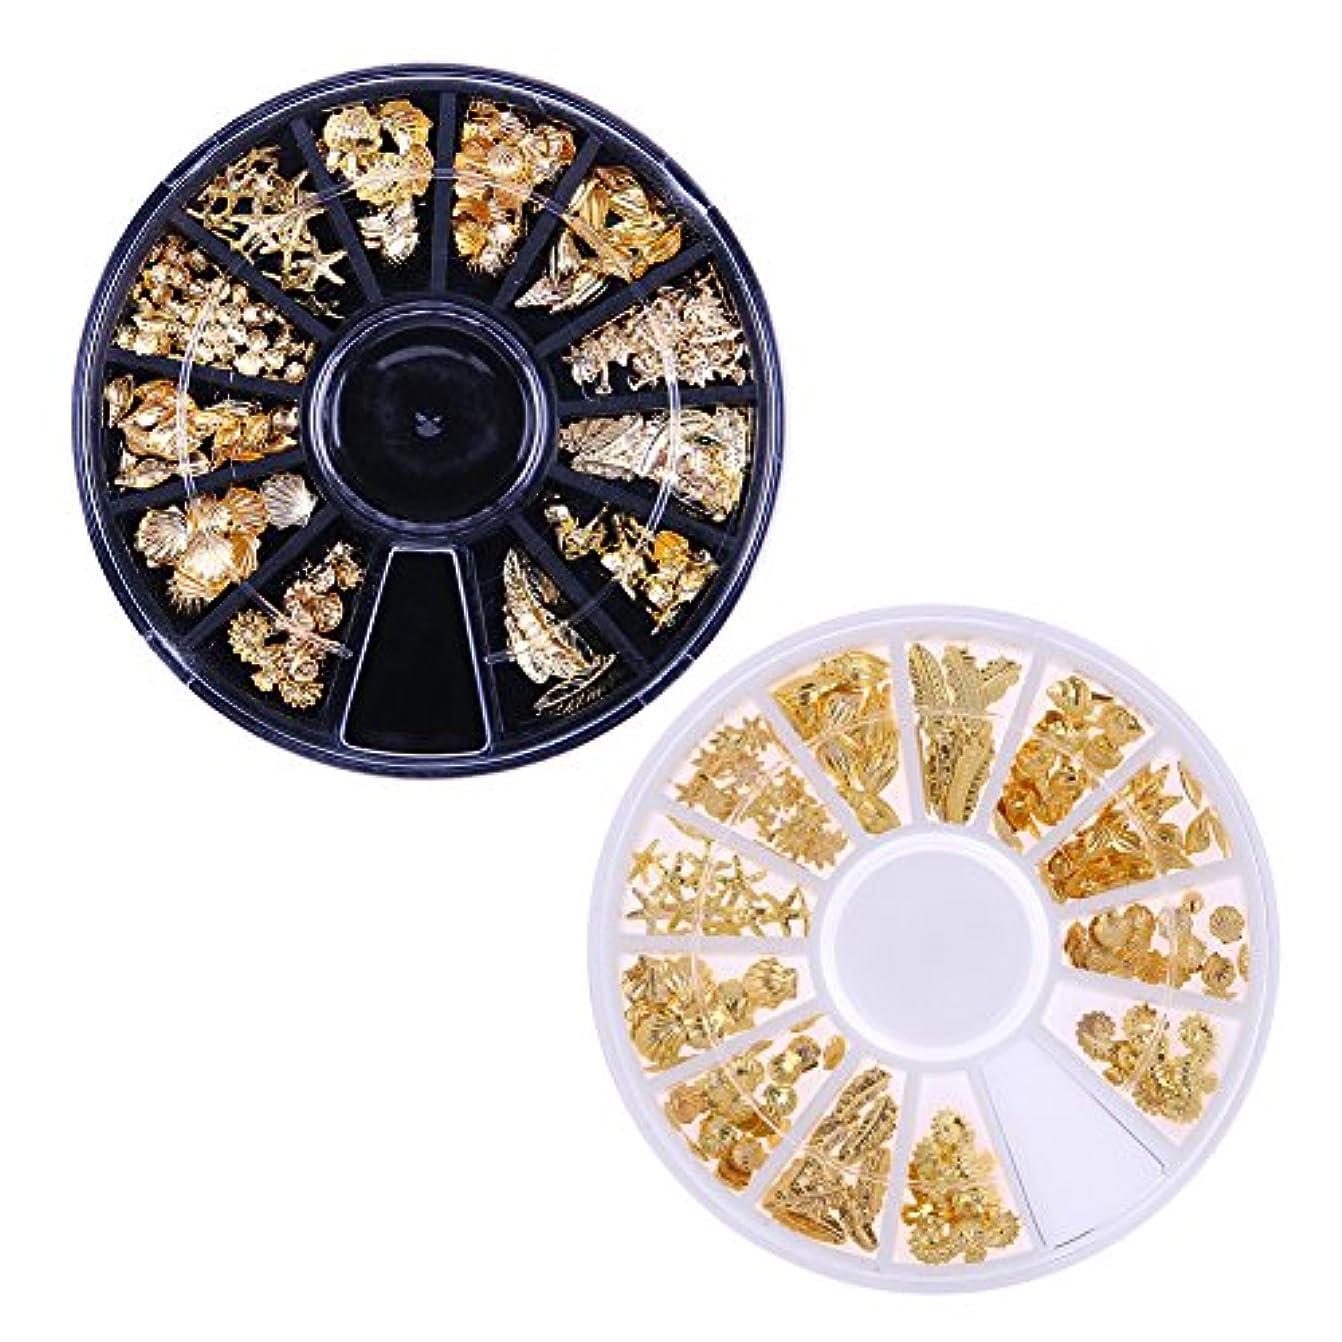 Demiawaking 3D ネイルパーツ メタル ゴールド 海テーマ(貝殻/海馬/海星など) 12種形 ネイルデコレーション ラウンドケース入リ 2ケース